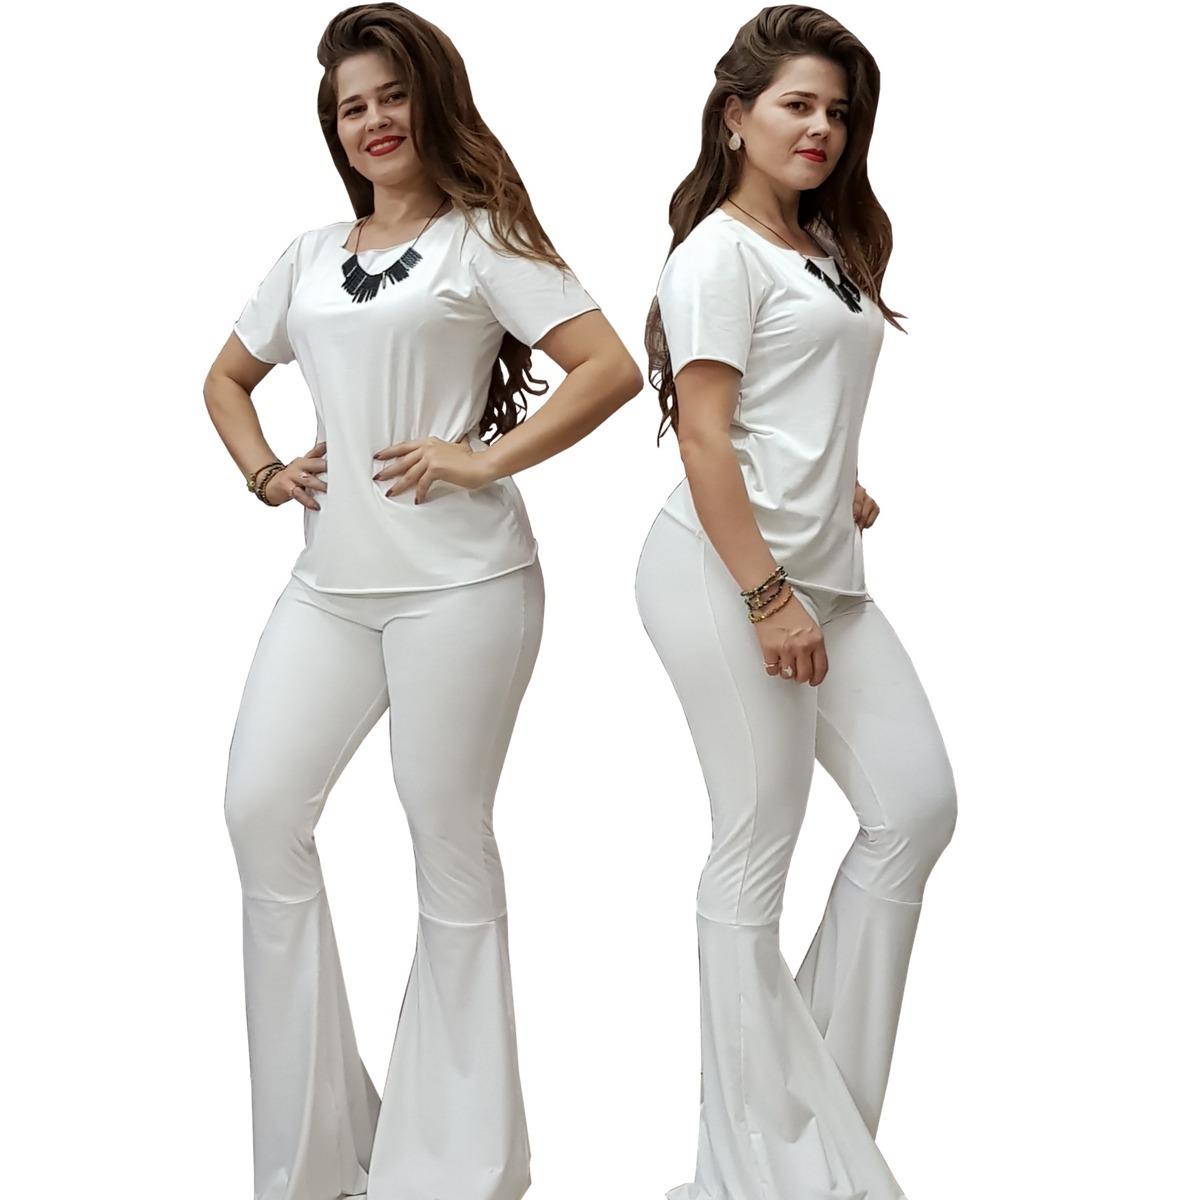 47a15d3e43 Roupas Femininas Calça E Blusa Suede Kit 4 Conjuntos Atacado - R ...